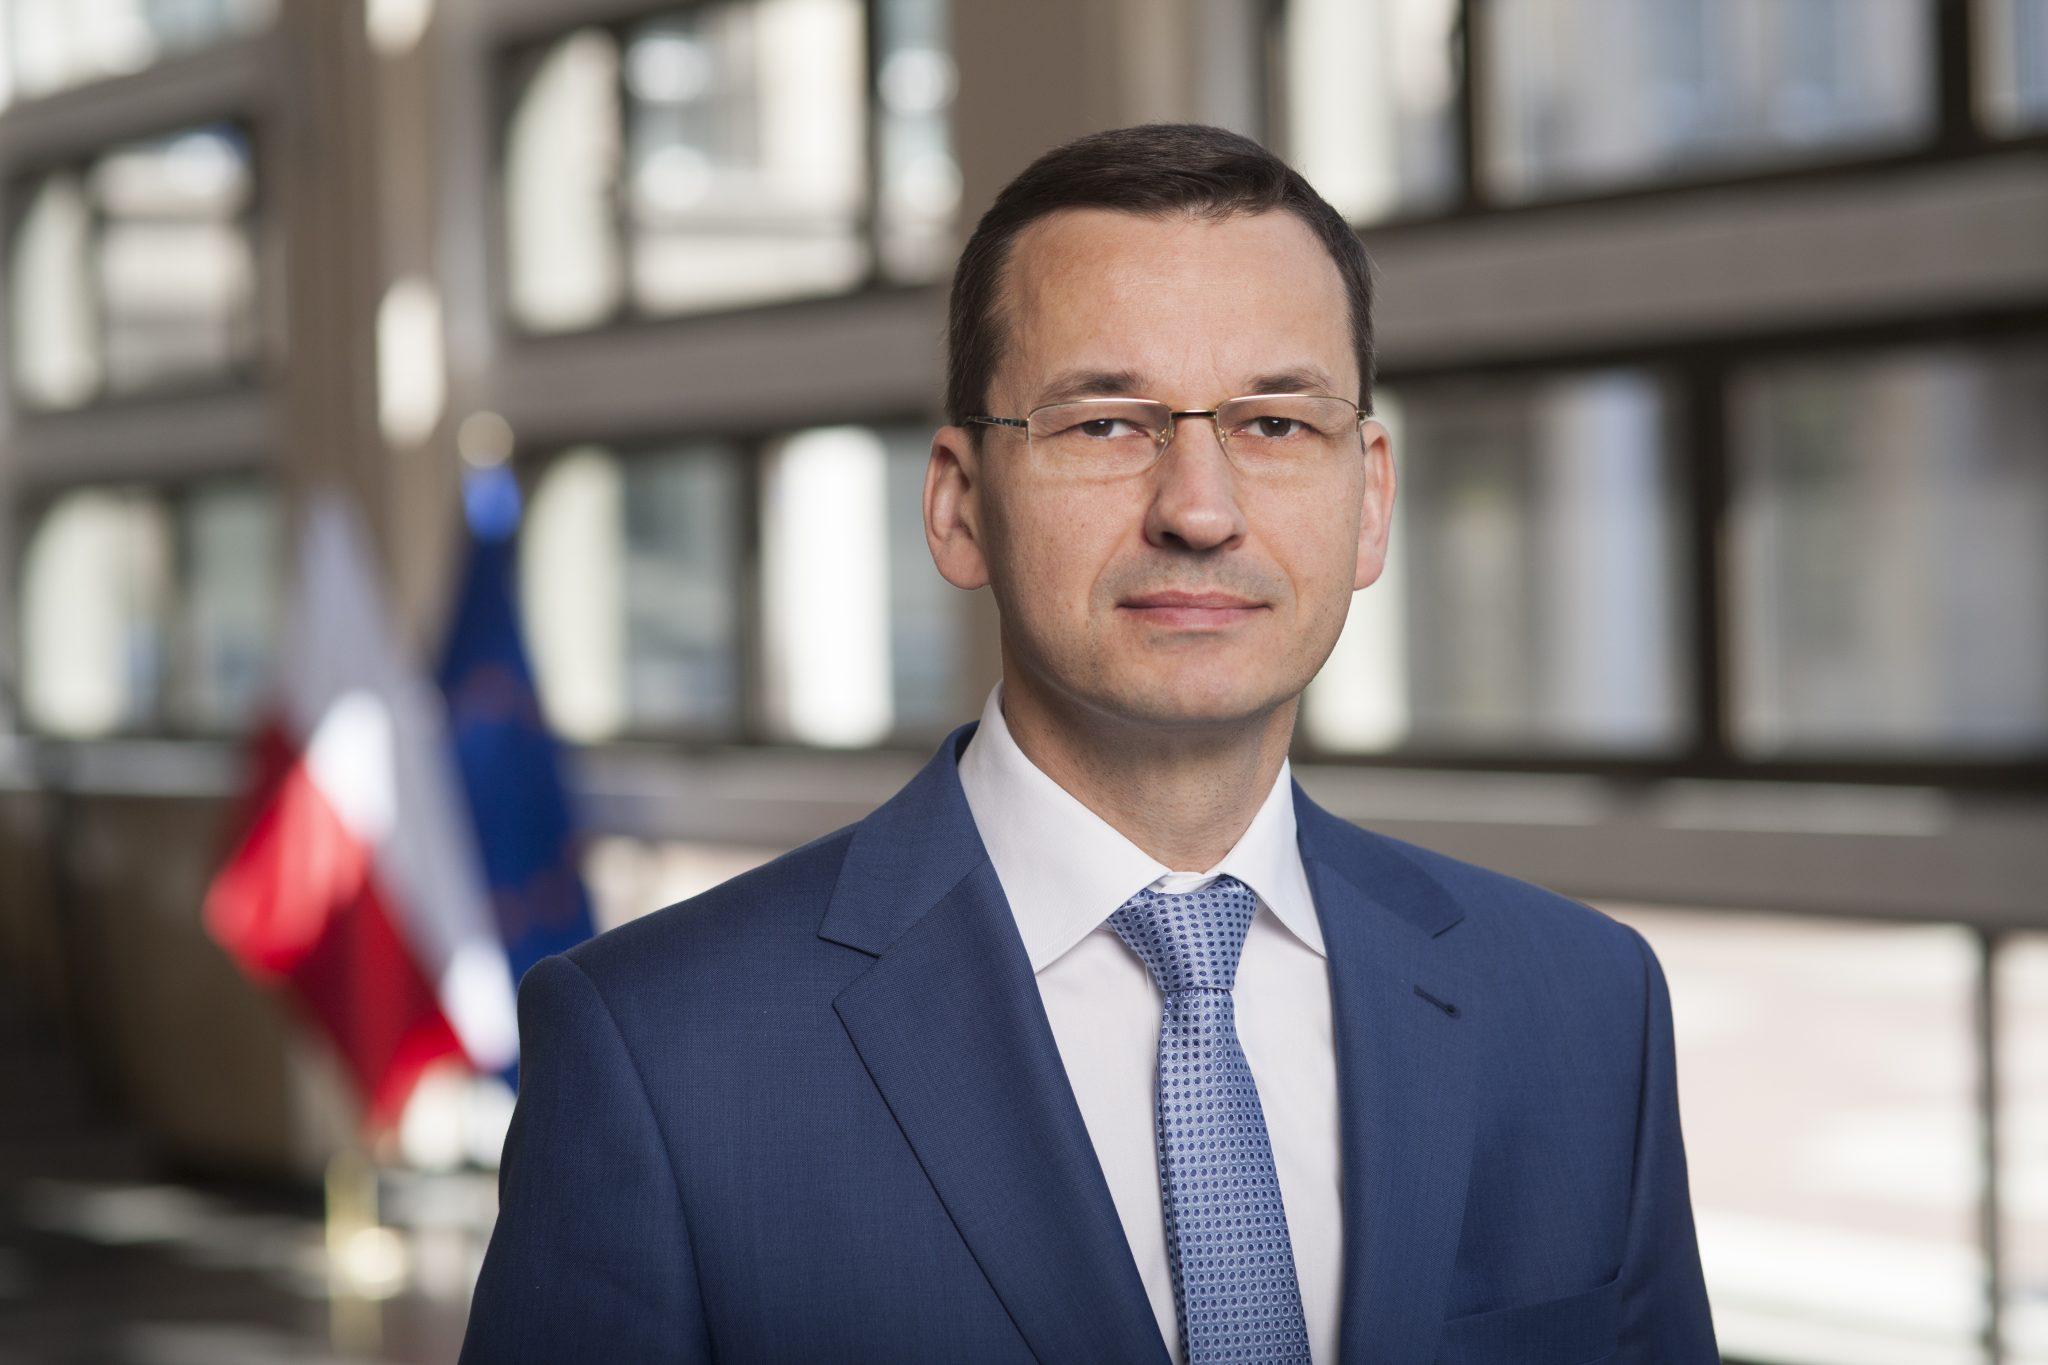 Mateusz Morawiecki MR